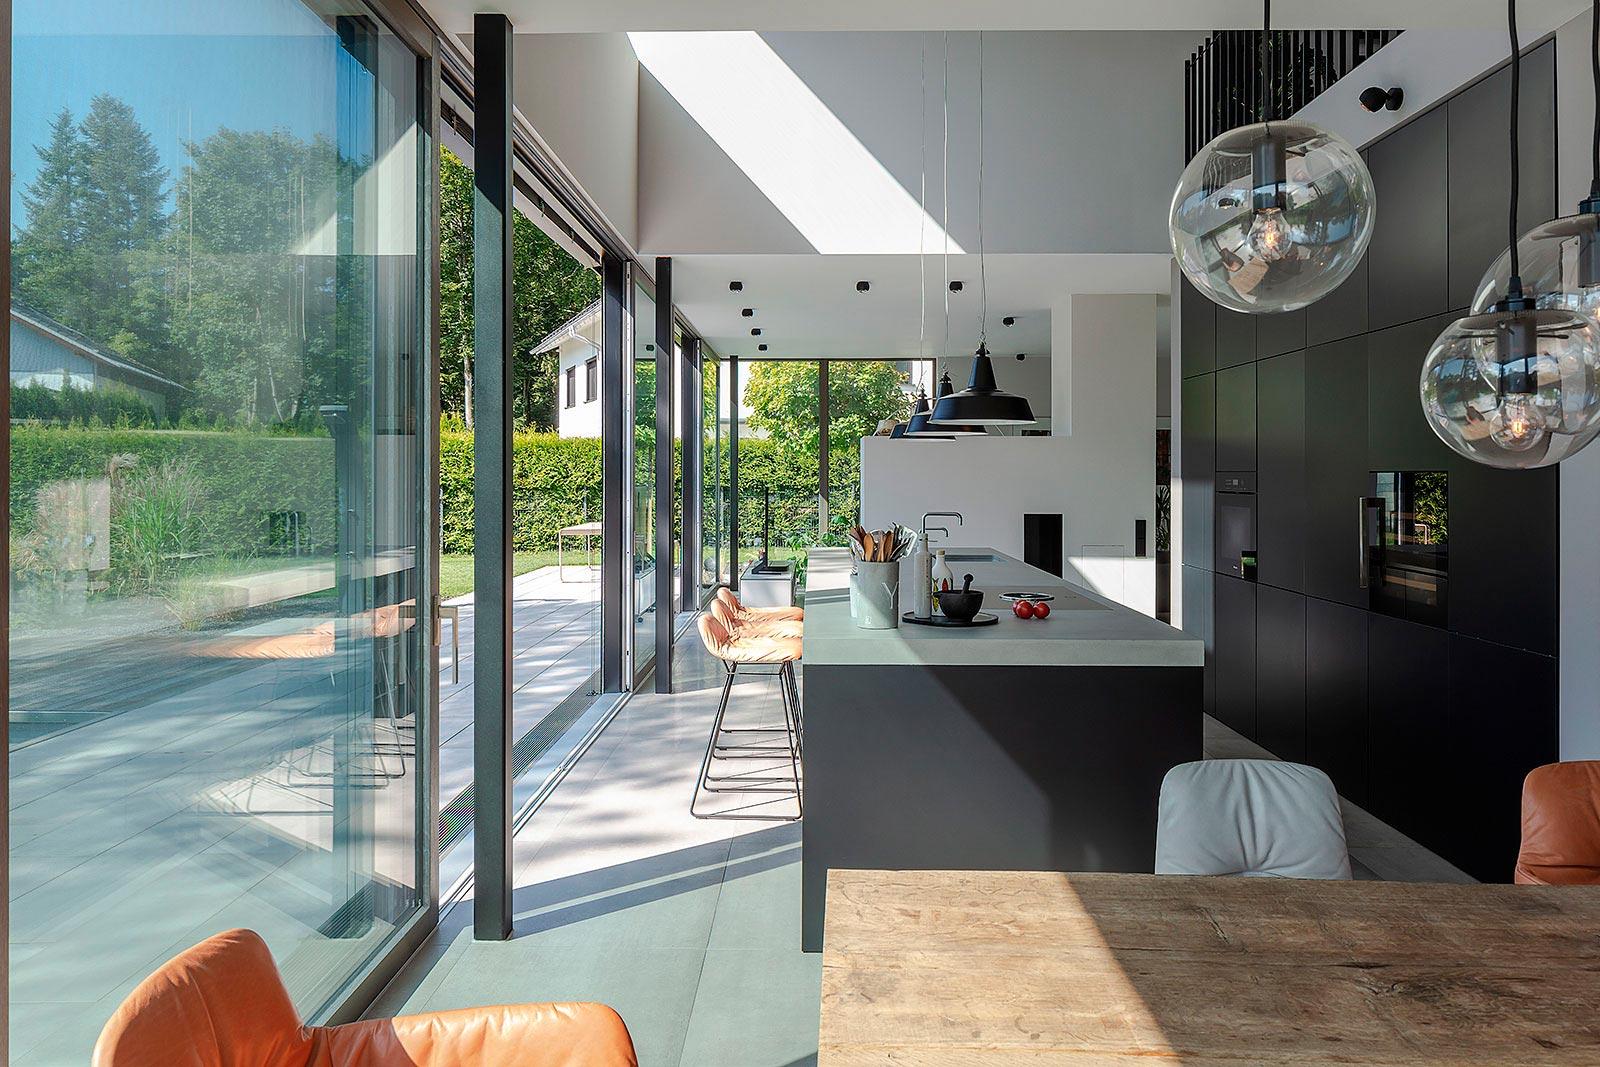 Stimmungsvolle Interior Aufnahme, Architektur,